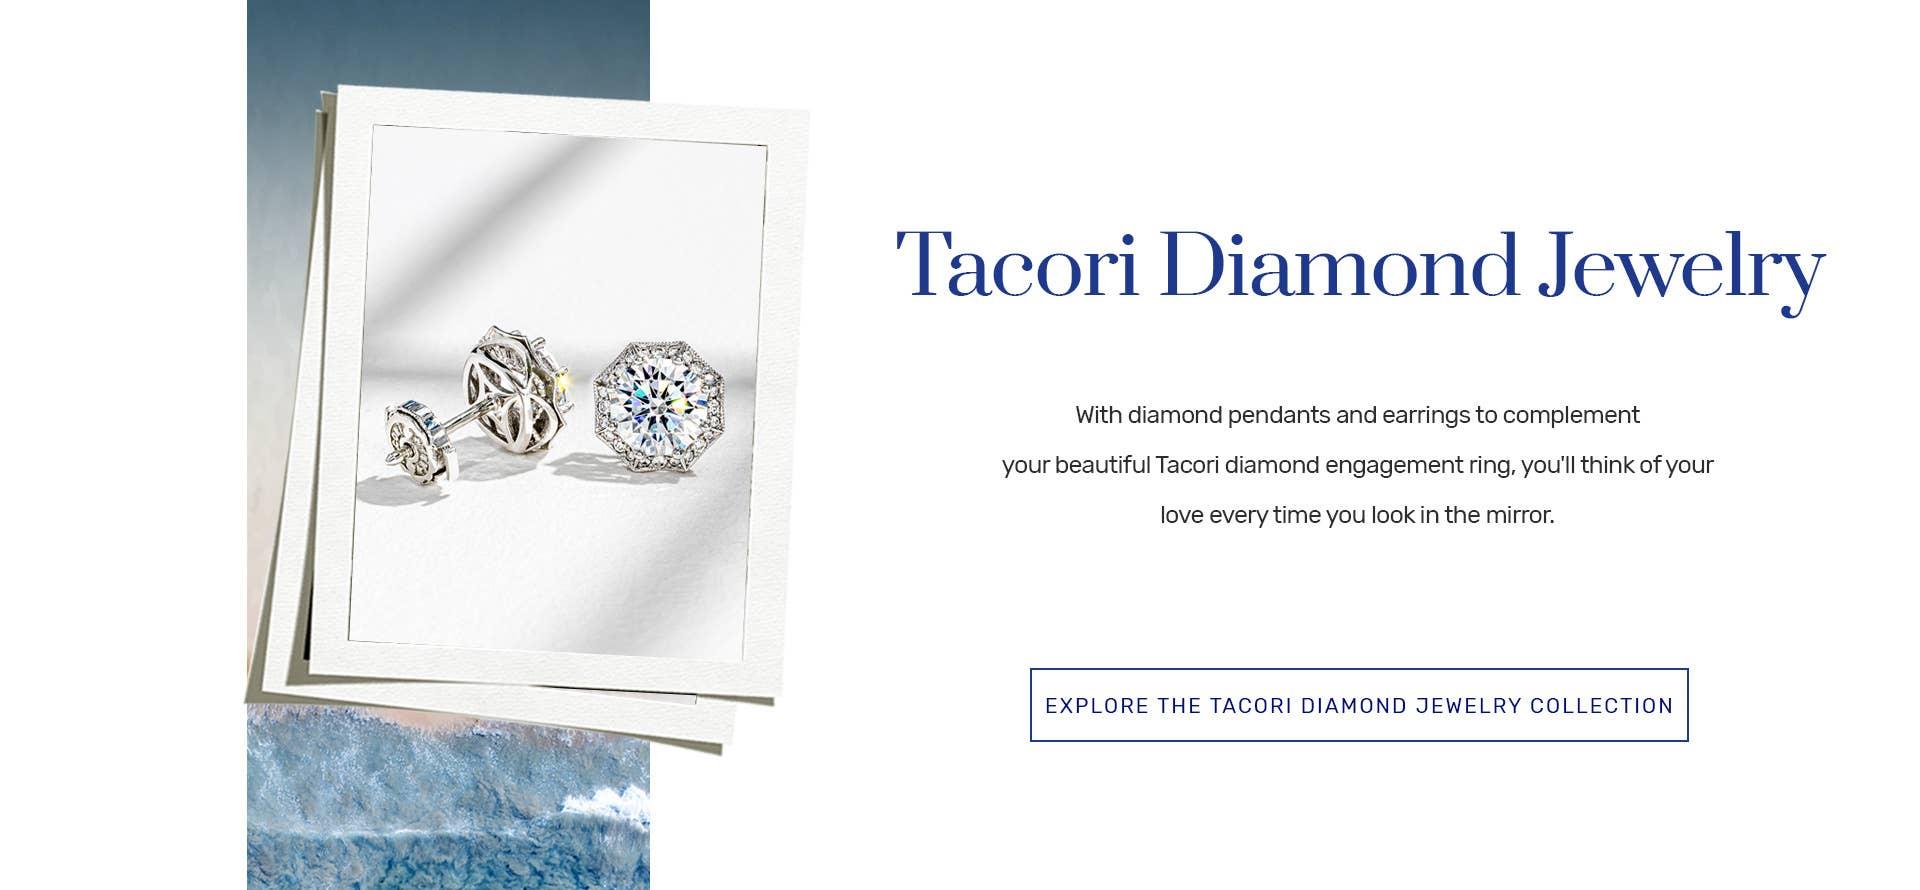 Tacori Diamond Jewelry